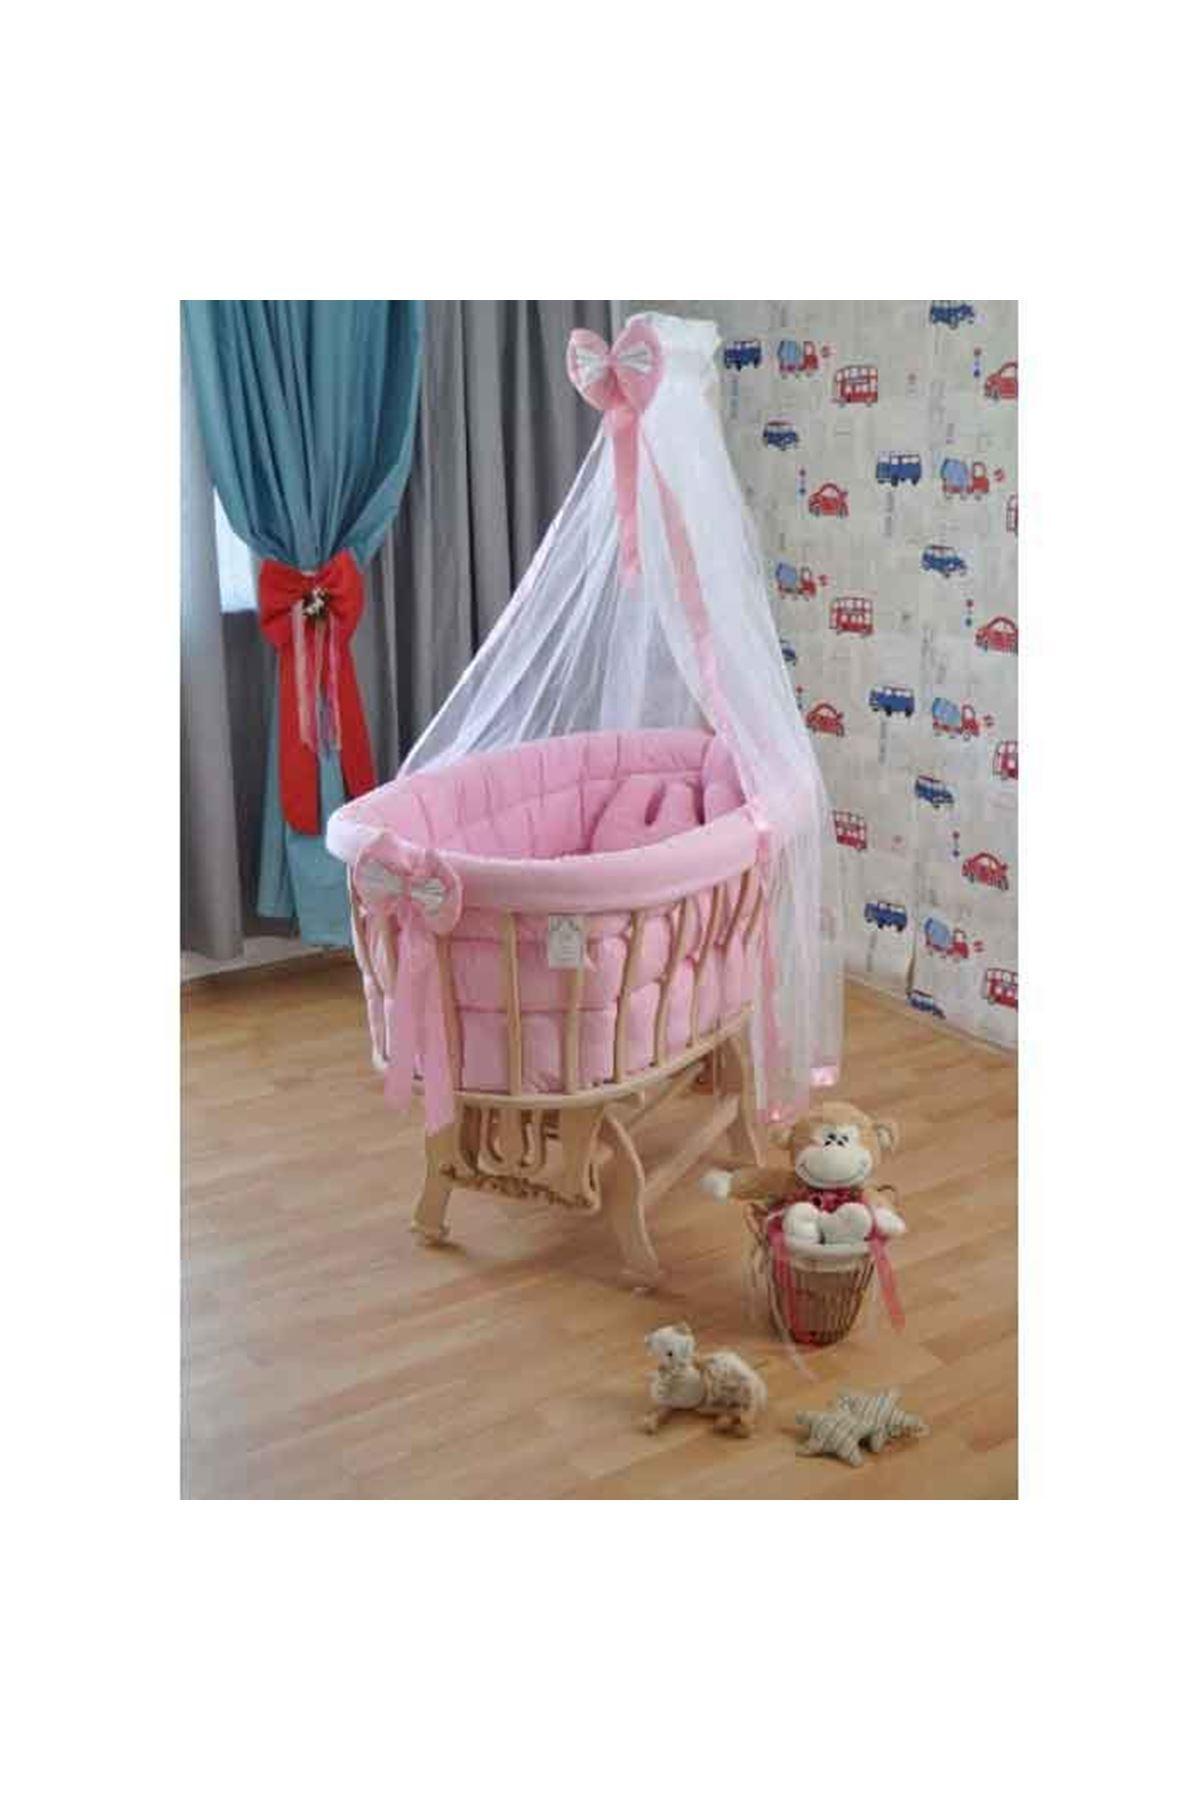 Pembe Fiyonk Uyku Setli Doğal Ahşap Sepet Bebek Beşiği